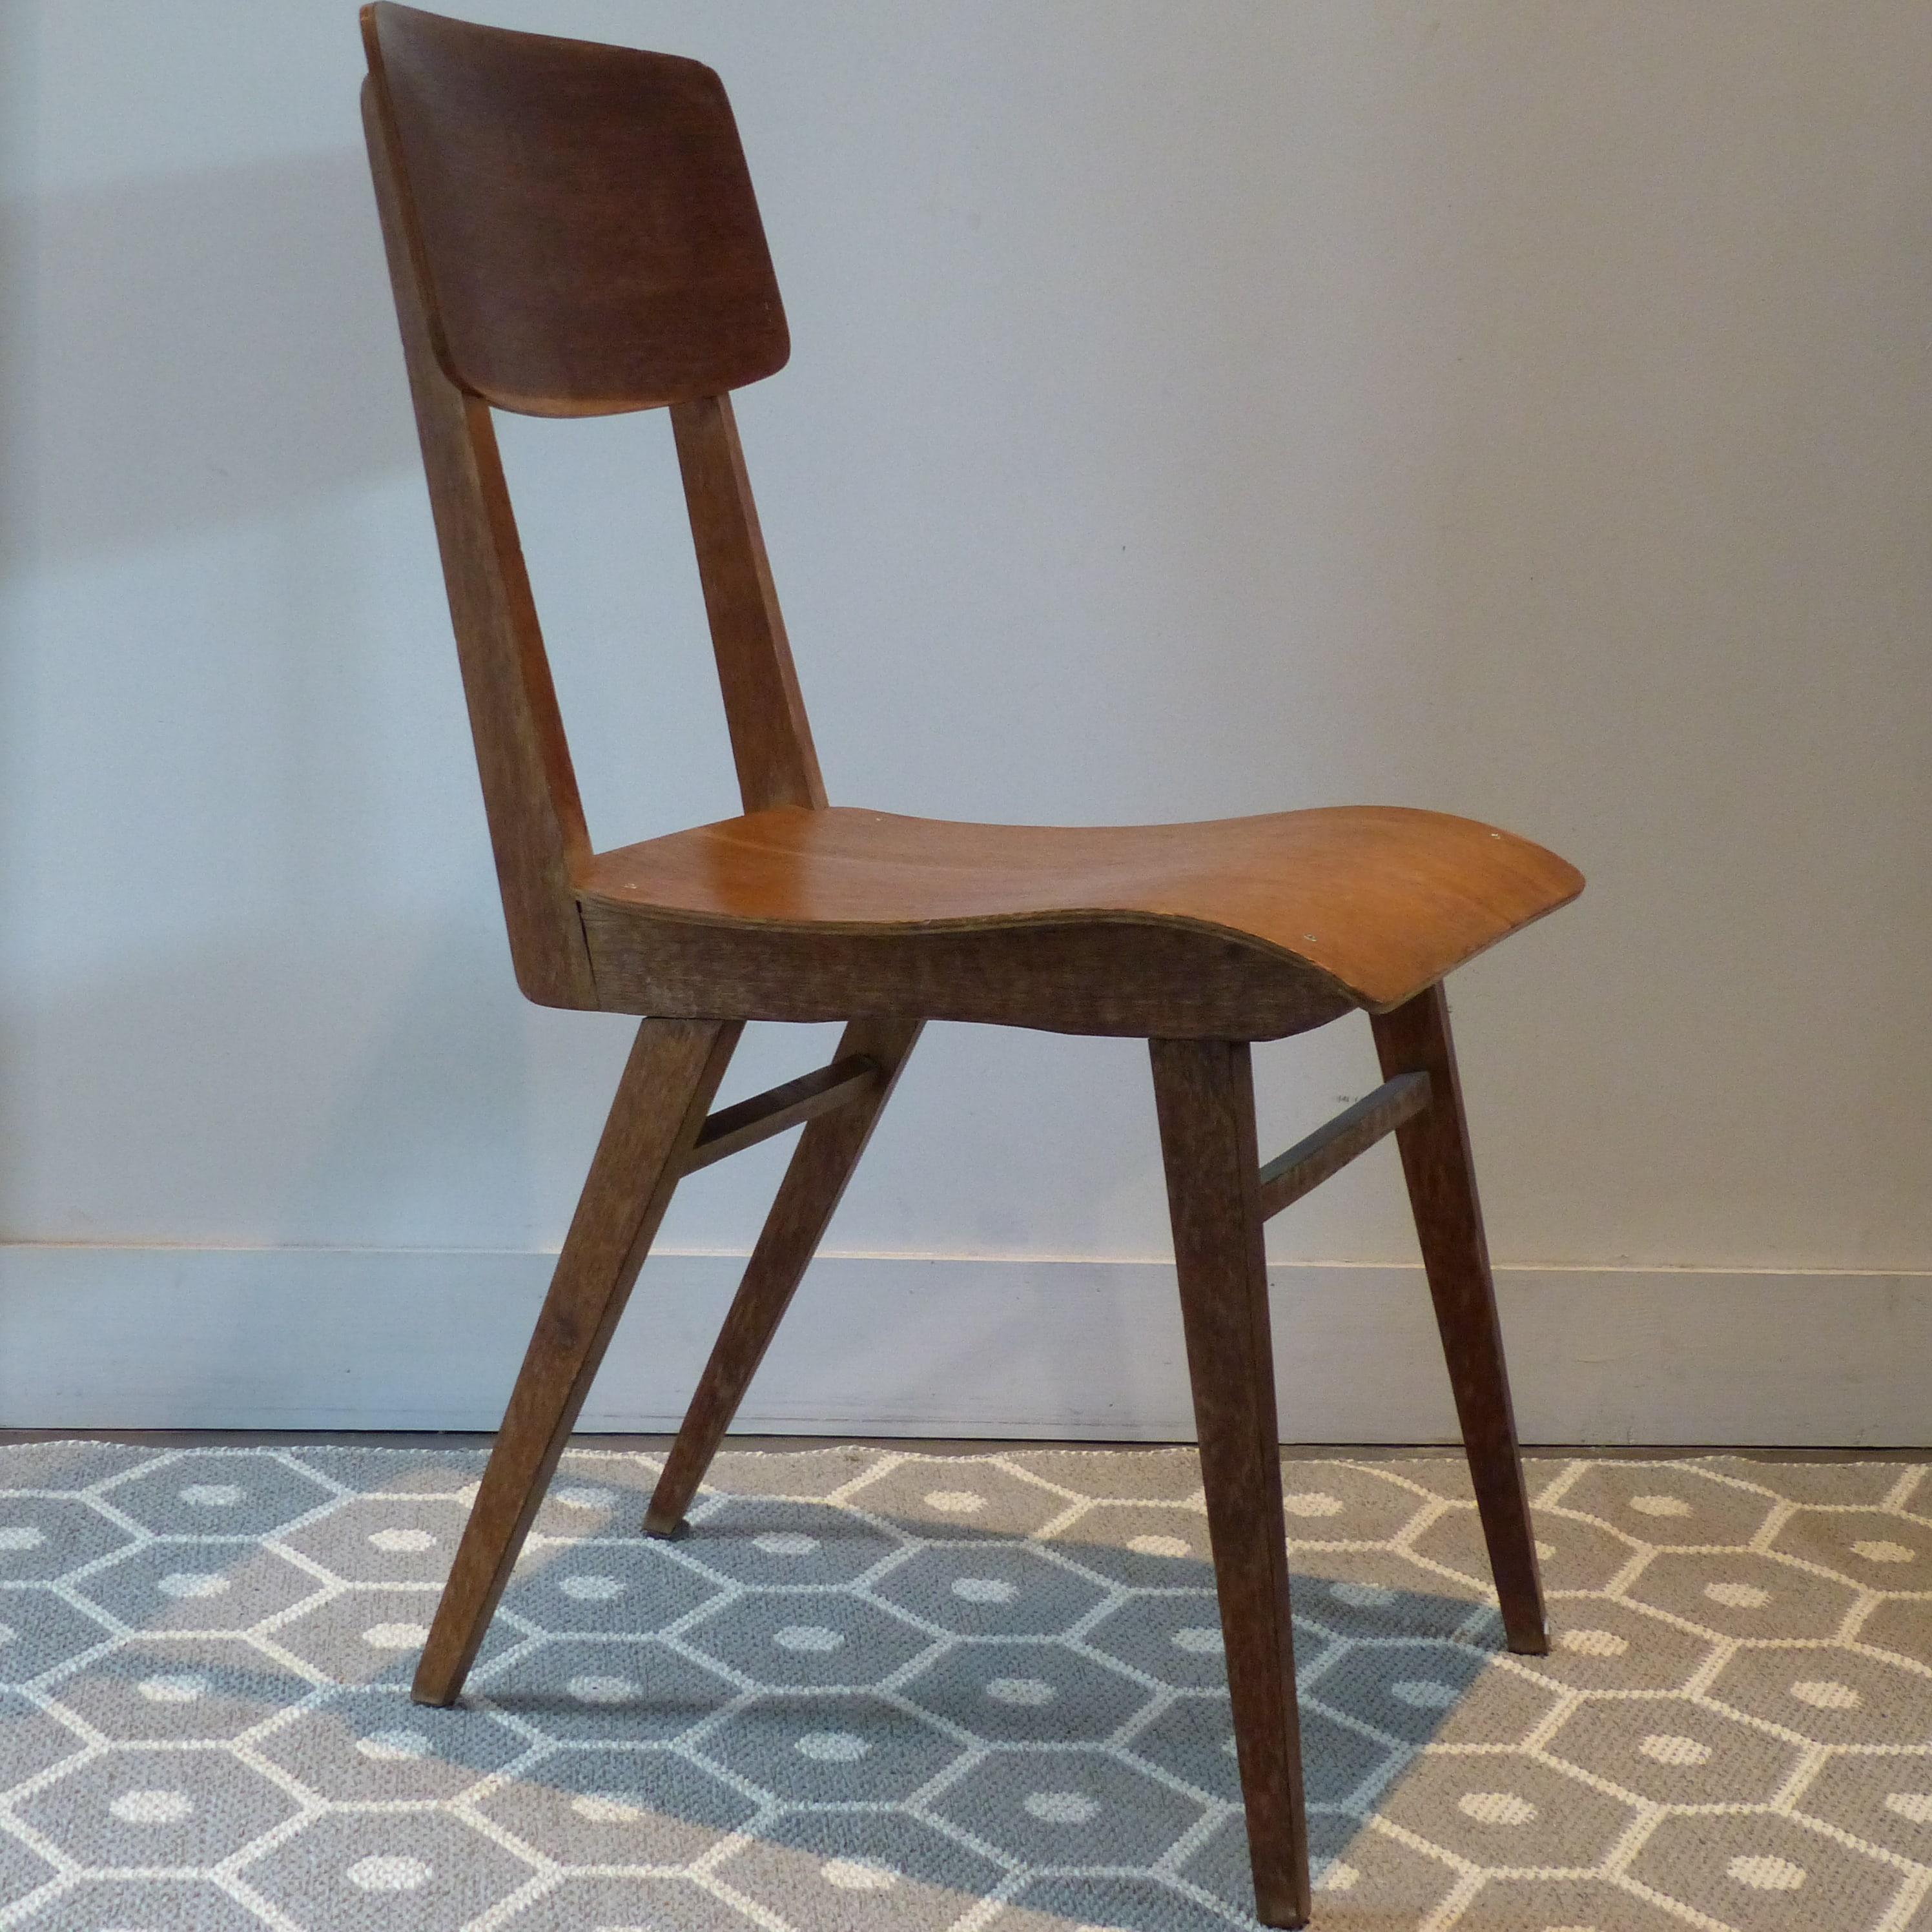 chaise de bureau vintage bureau et chaise mullca 300 l 39. Black Bedroom Furniture Sets. Home Design Ideas